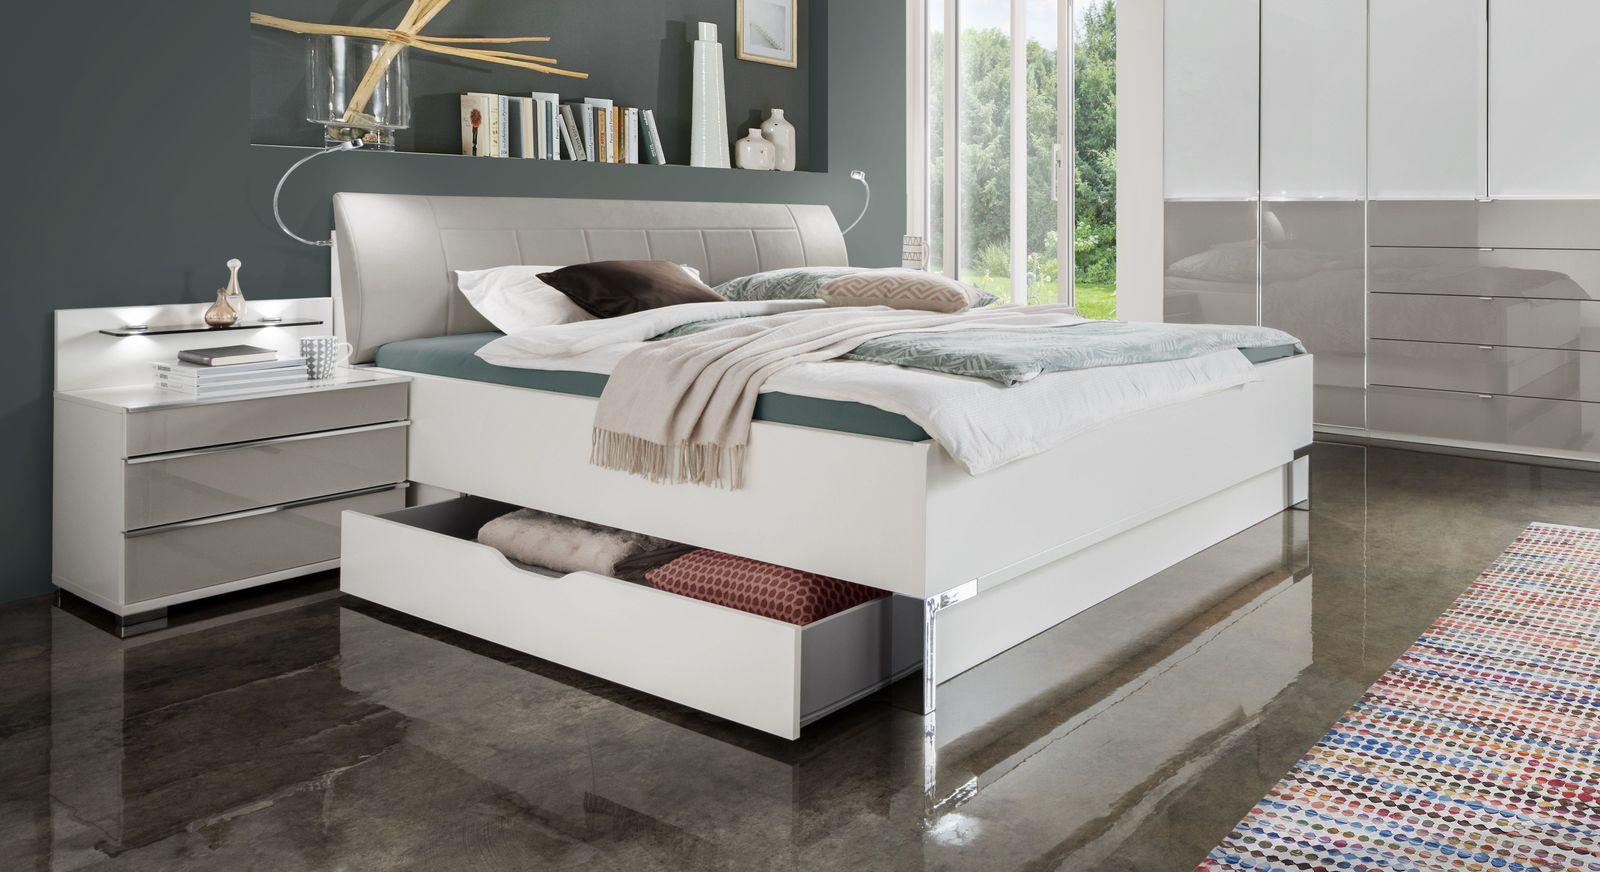 Bett Shanvalley optional mit praktischer Bettschublade